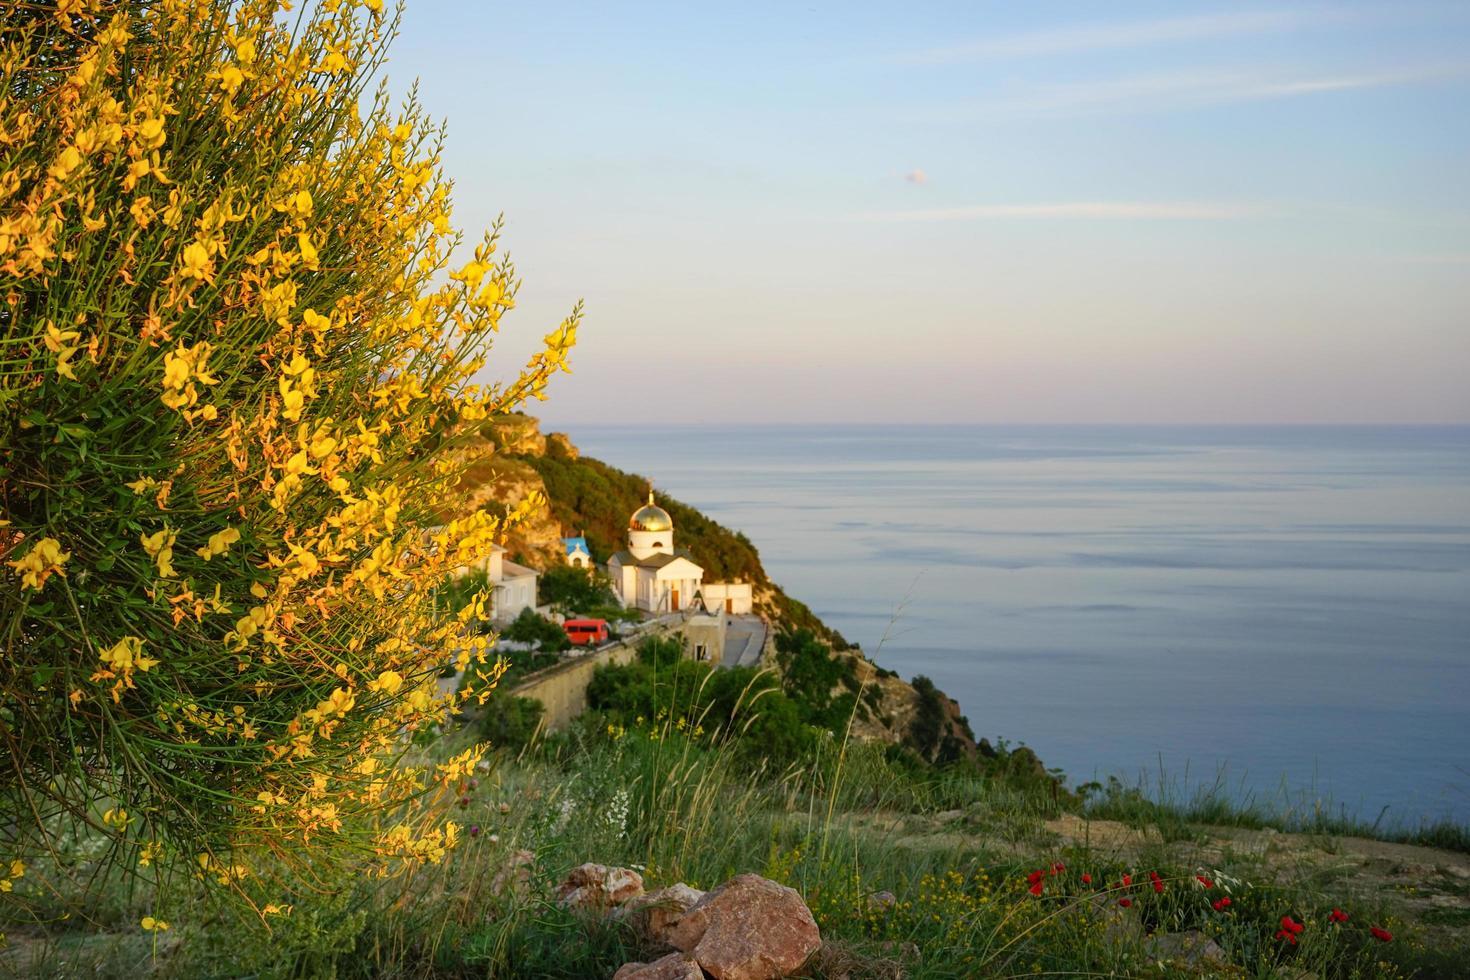 paesaggio marino con fiori, un campo erboso e una chiesa vicino a uno specchio d'acqua con un colorato cielo nuvoloso foto